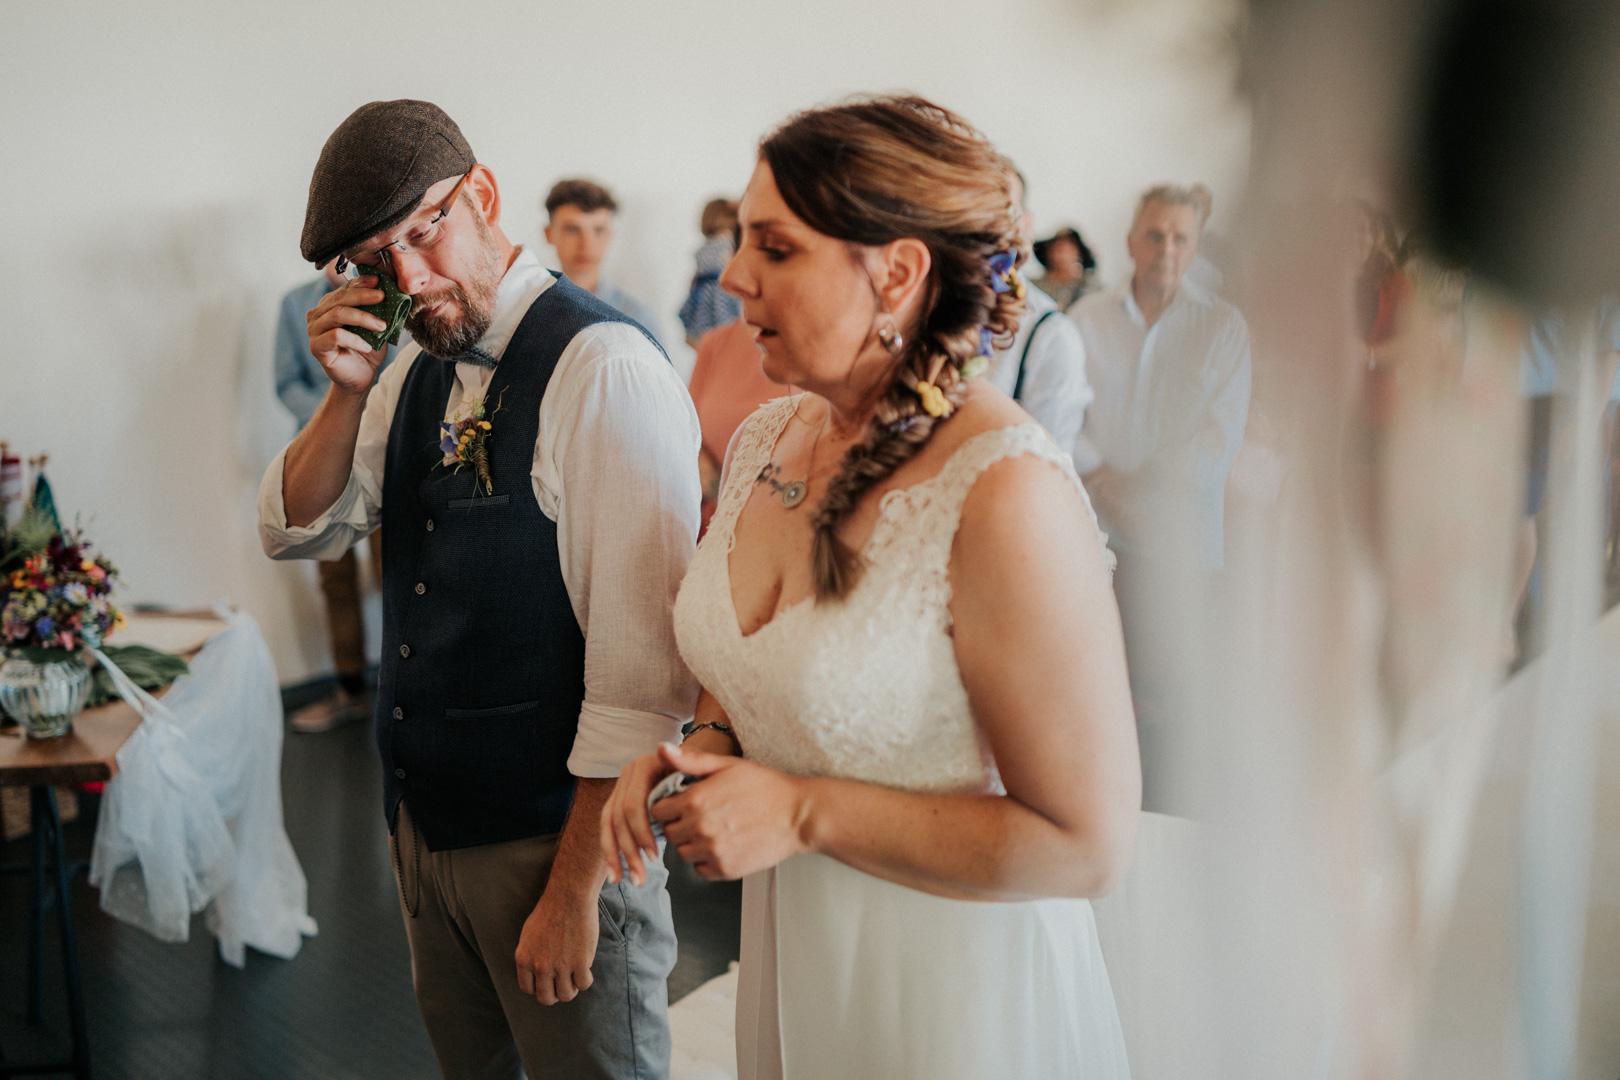 Emotionaler Hochzeitsmoment bei der Trauung